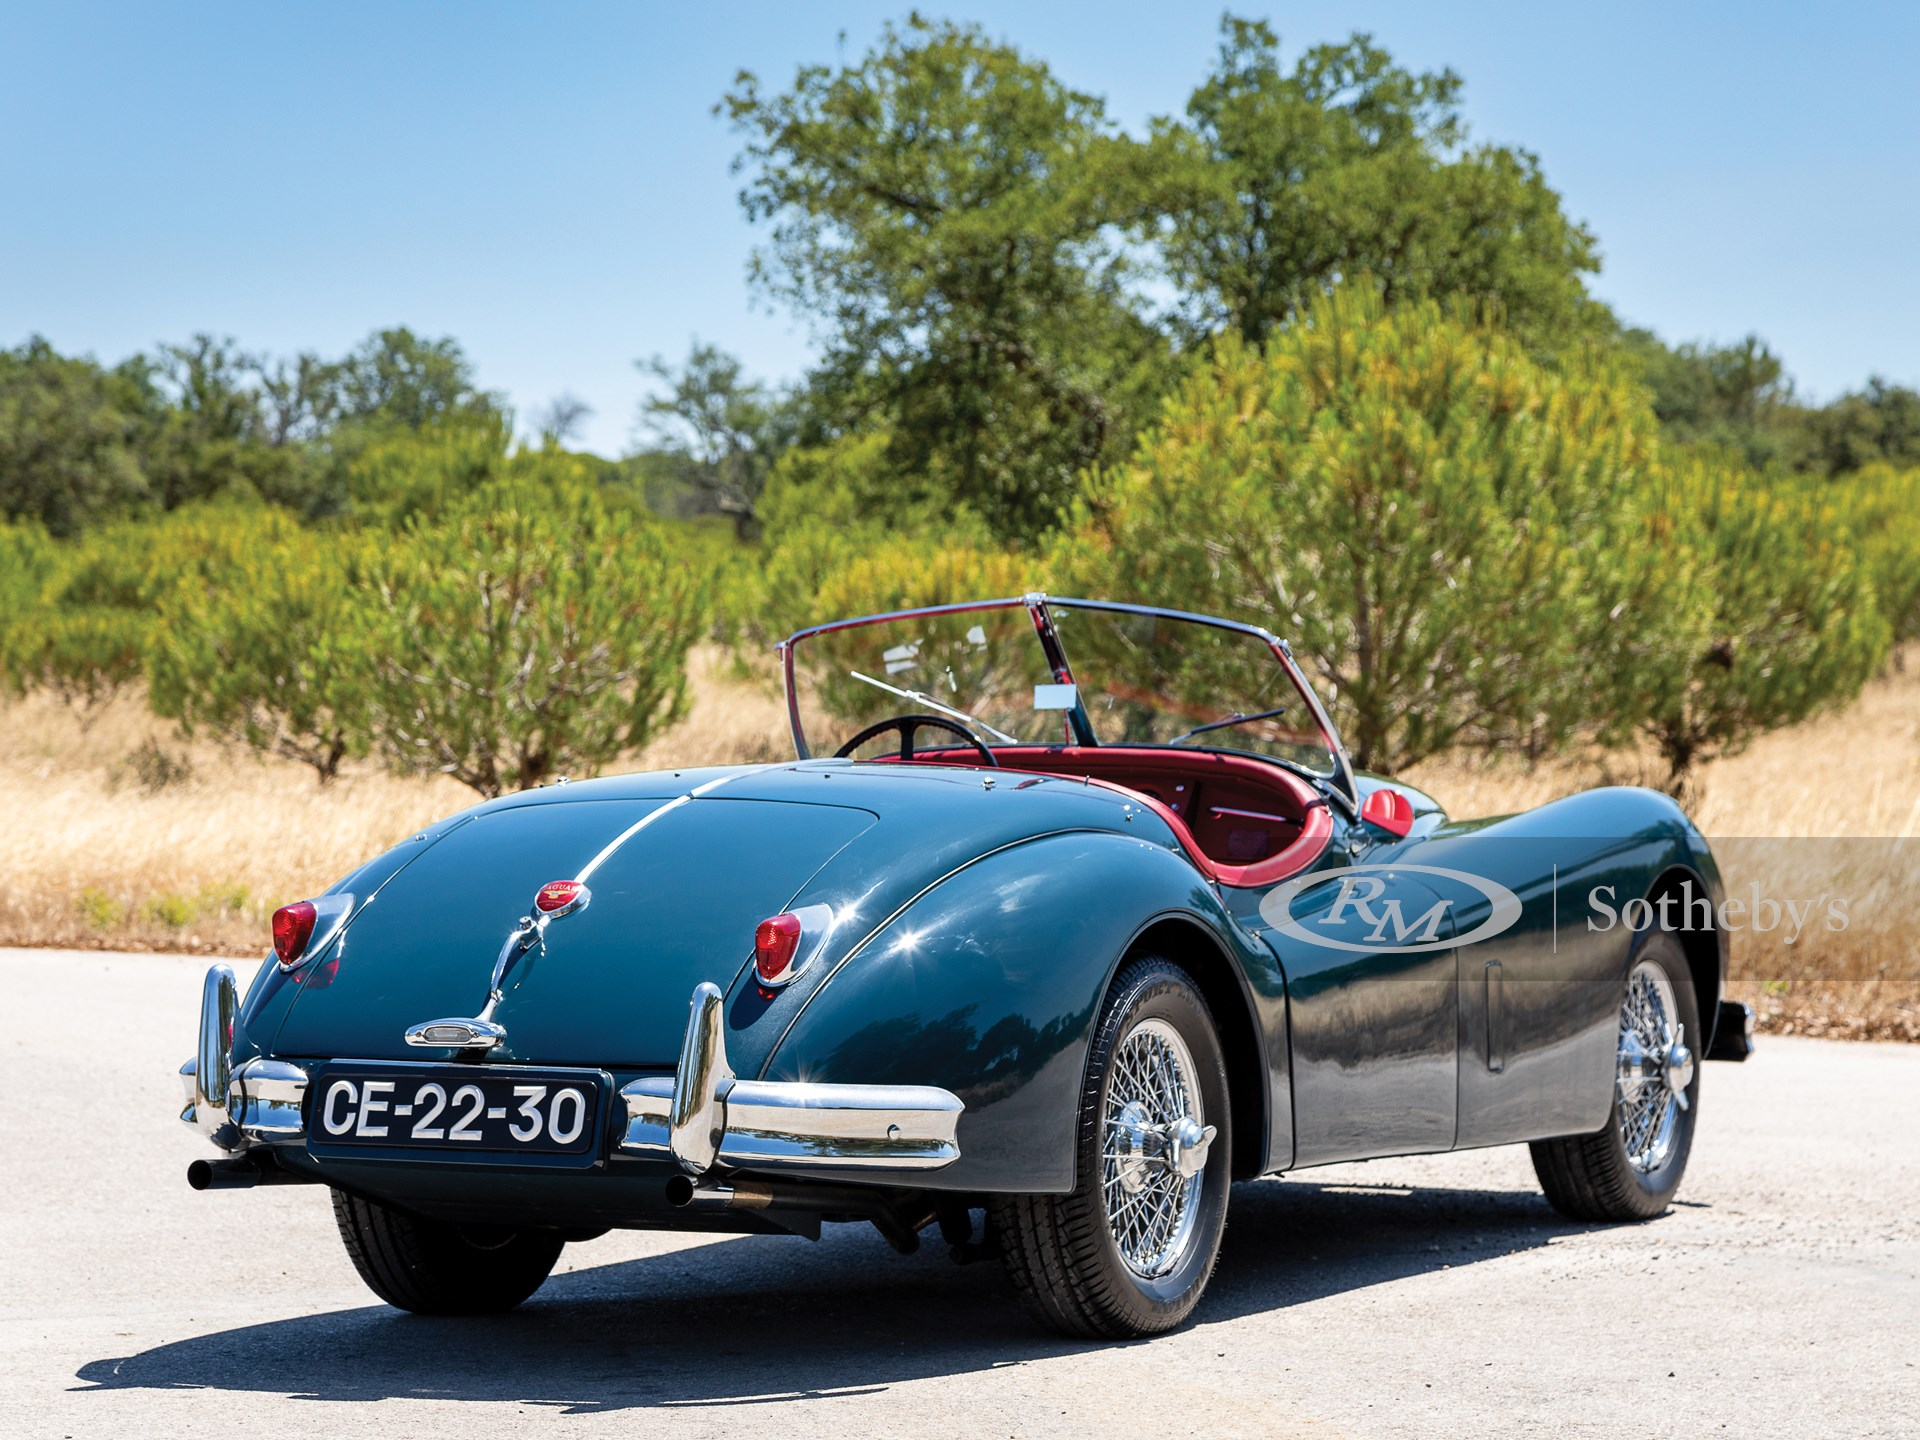 1955 Jaguar XK 140 SE Roadster  -